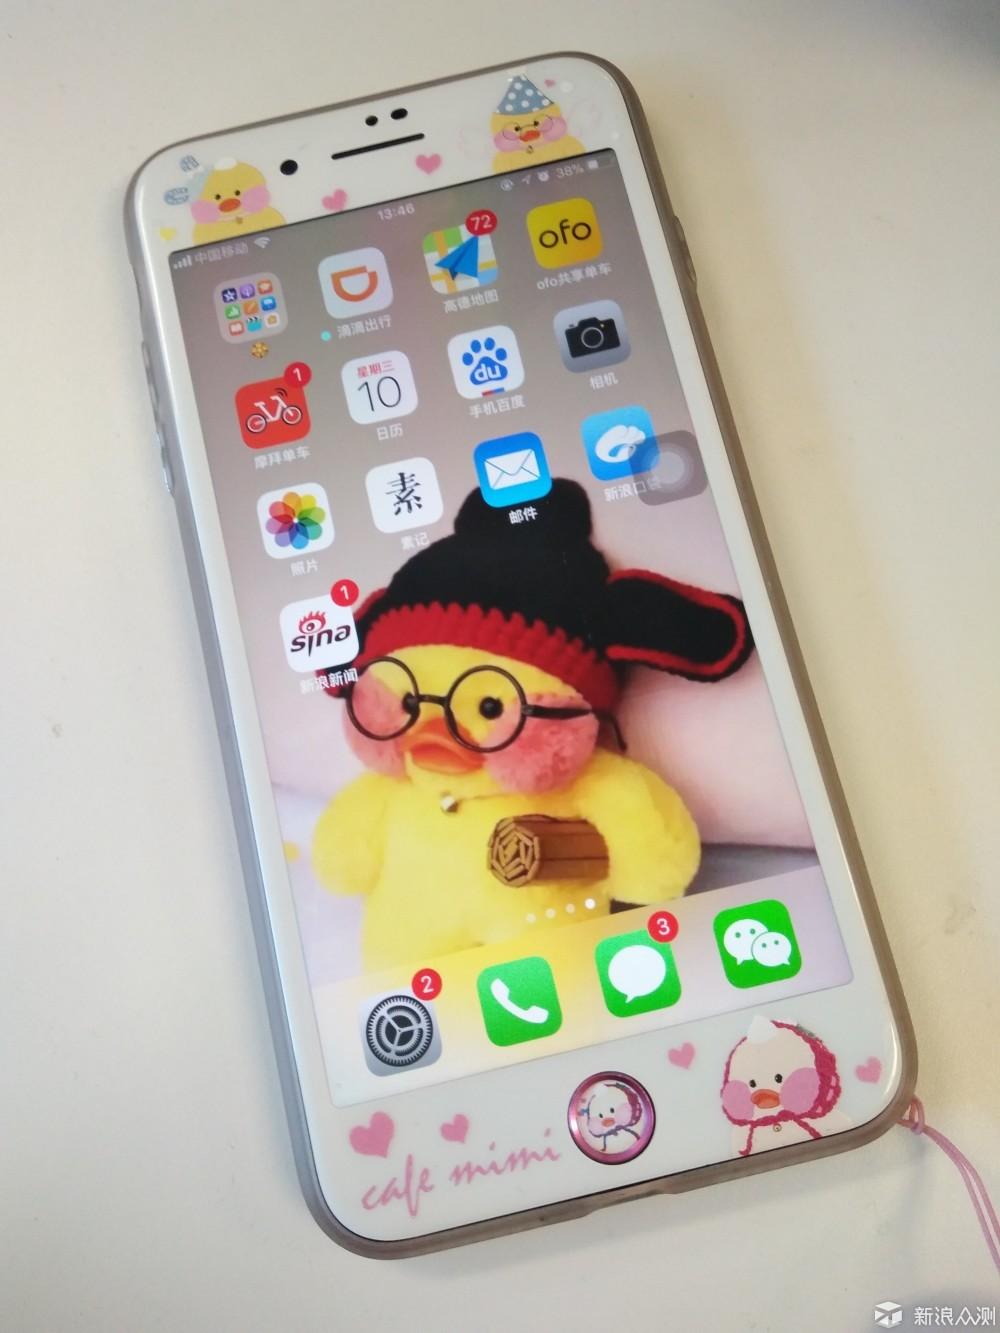 壁纸手机壳一整套:玻尿酸小黄鸭_新浪众测